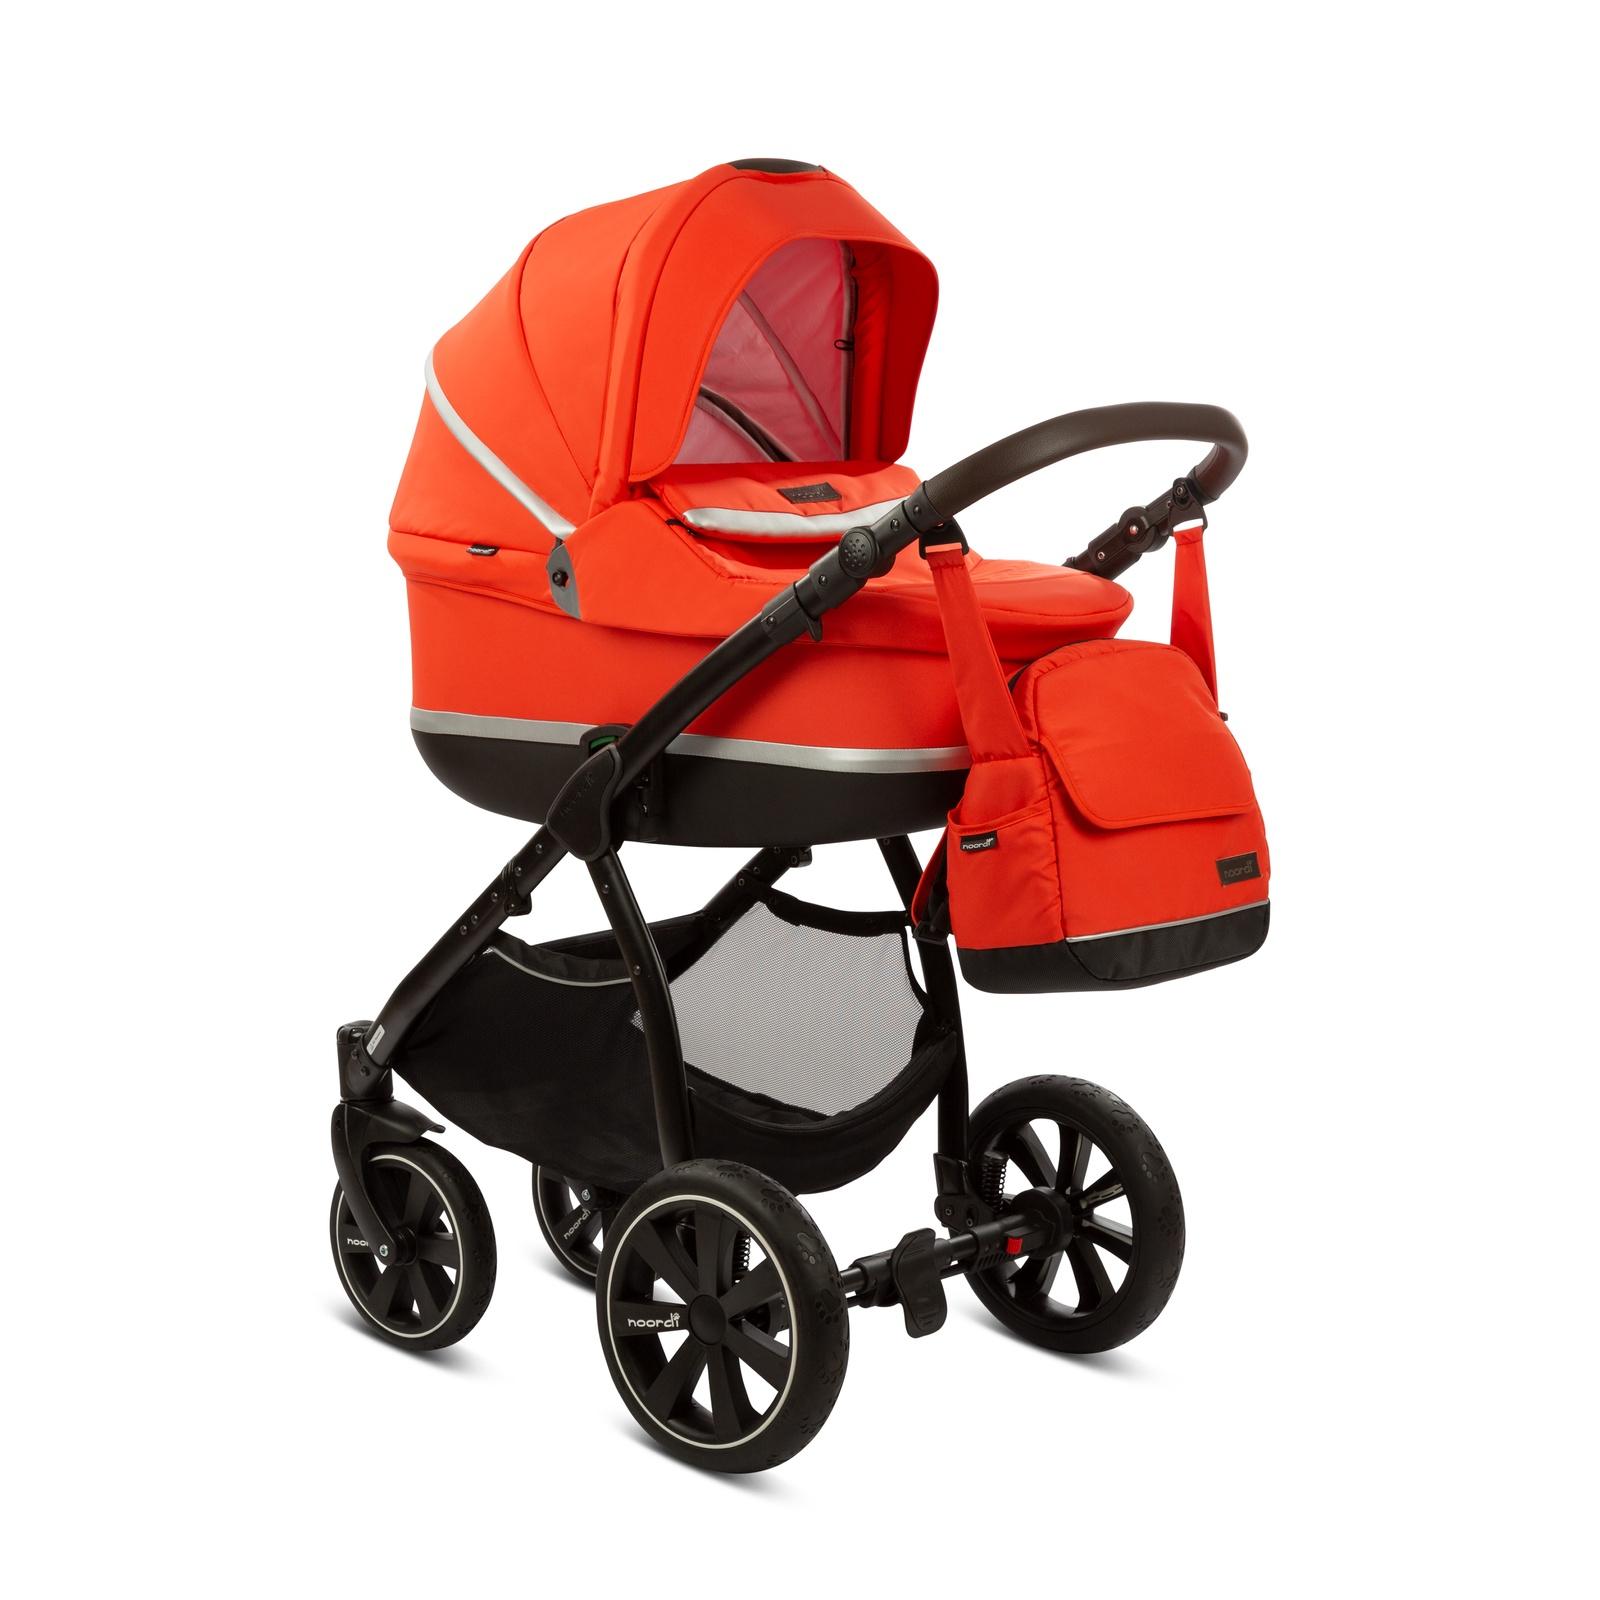 Коляска 2 в 1 NOORDI Sole Sport Orange Red 825 коляска rudis solo 2 в 1 графит красный принт gl000401681 492579